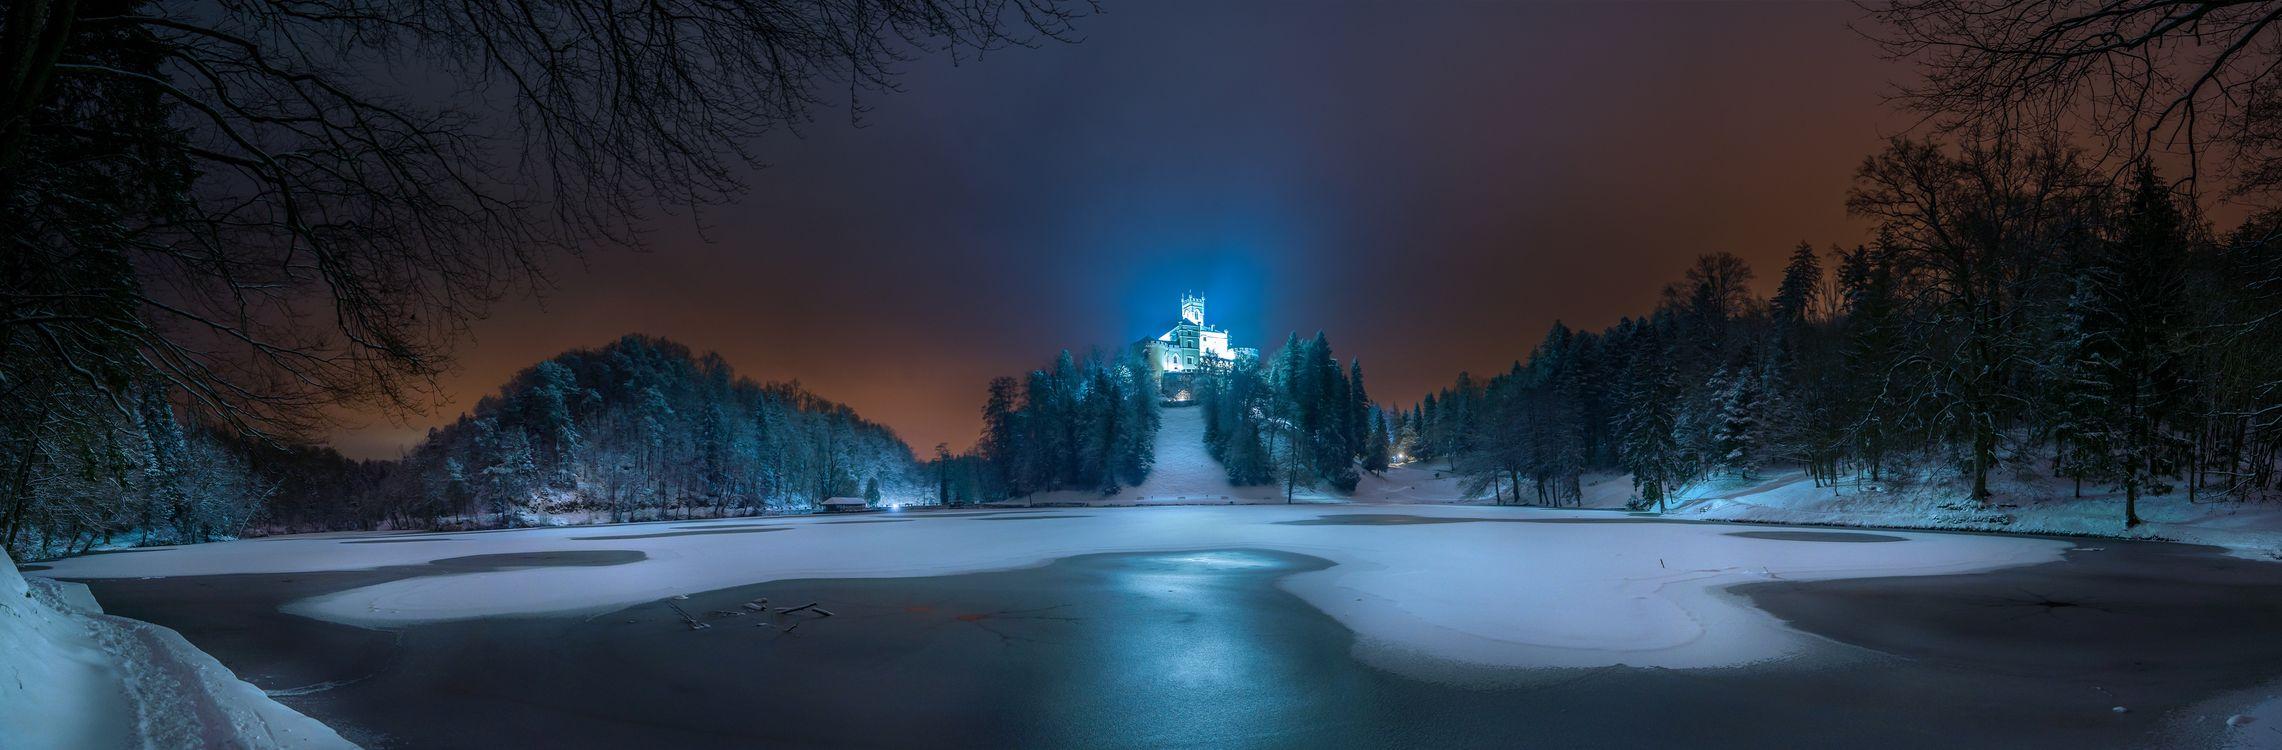 Фото бесплатно пейзаж, ночь, замок Тракошчане - на рабочий стол